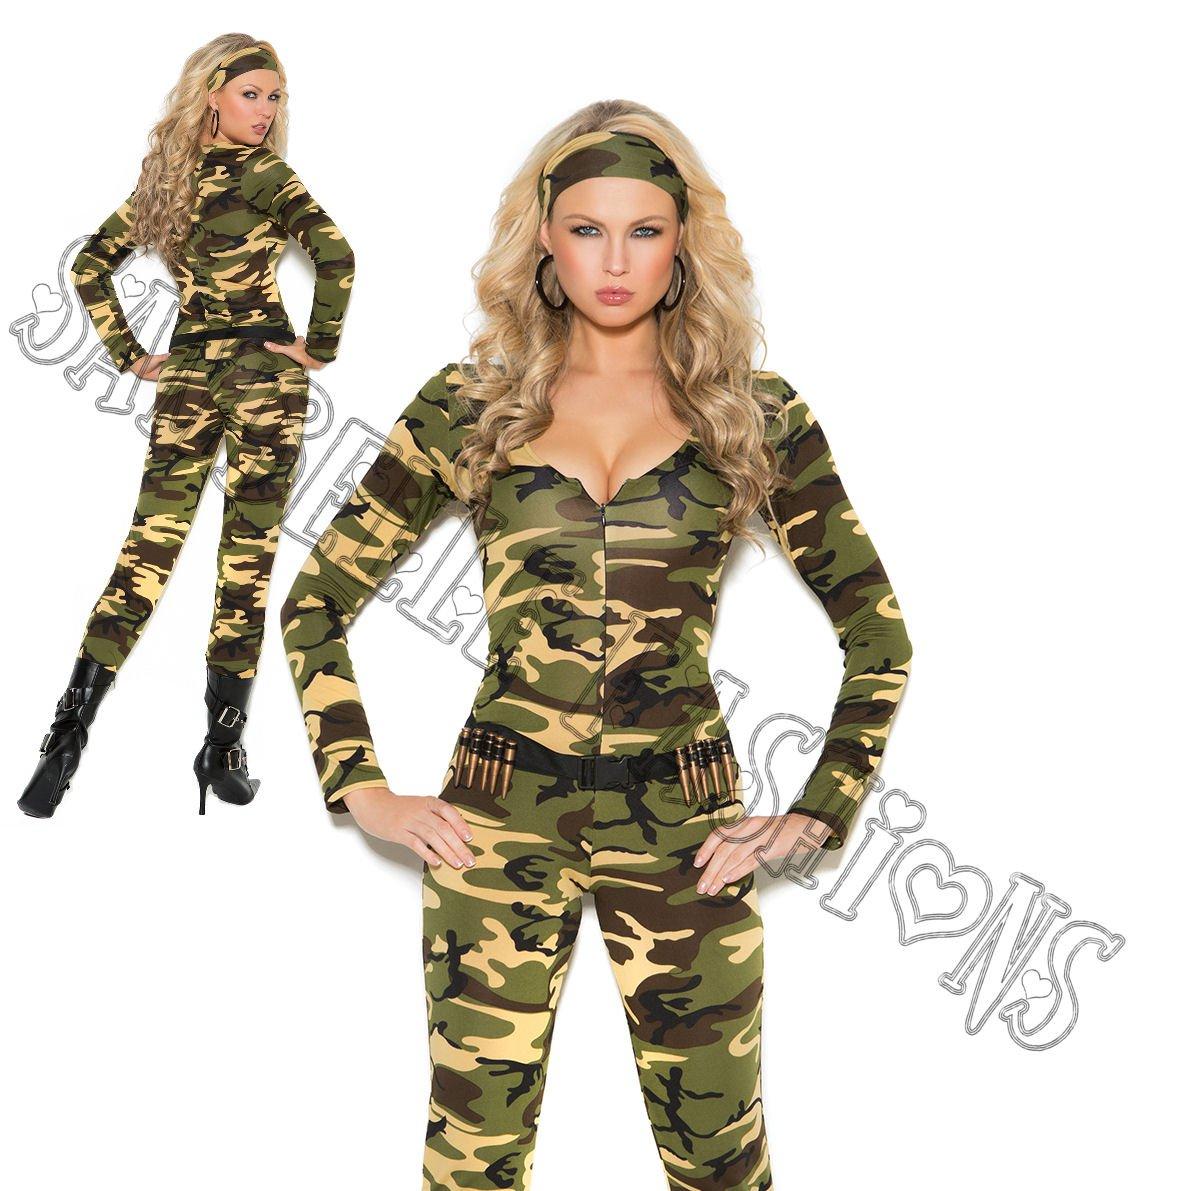 3pc Combat Warrior Military Army Costume - Medium